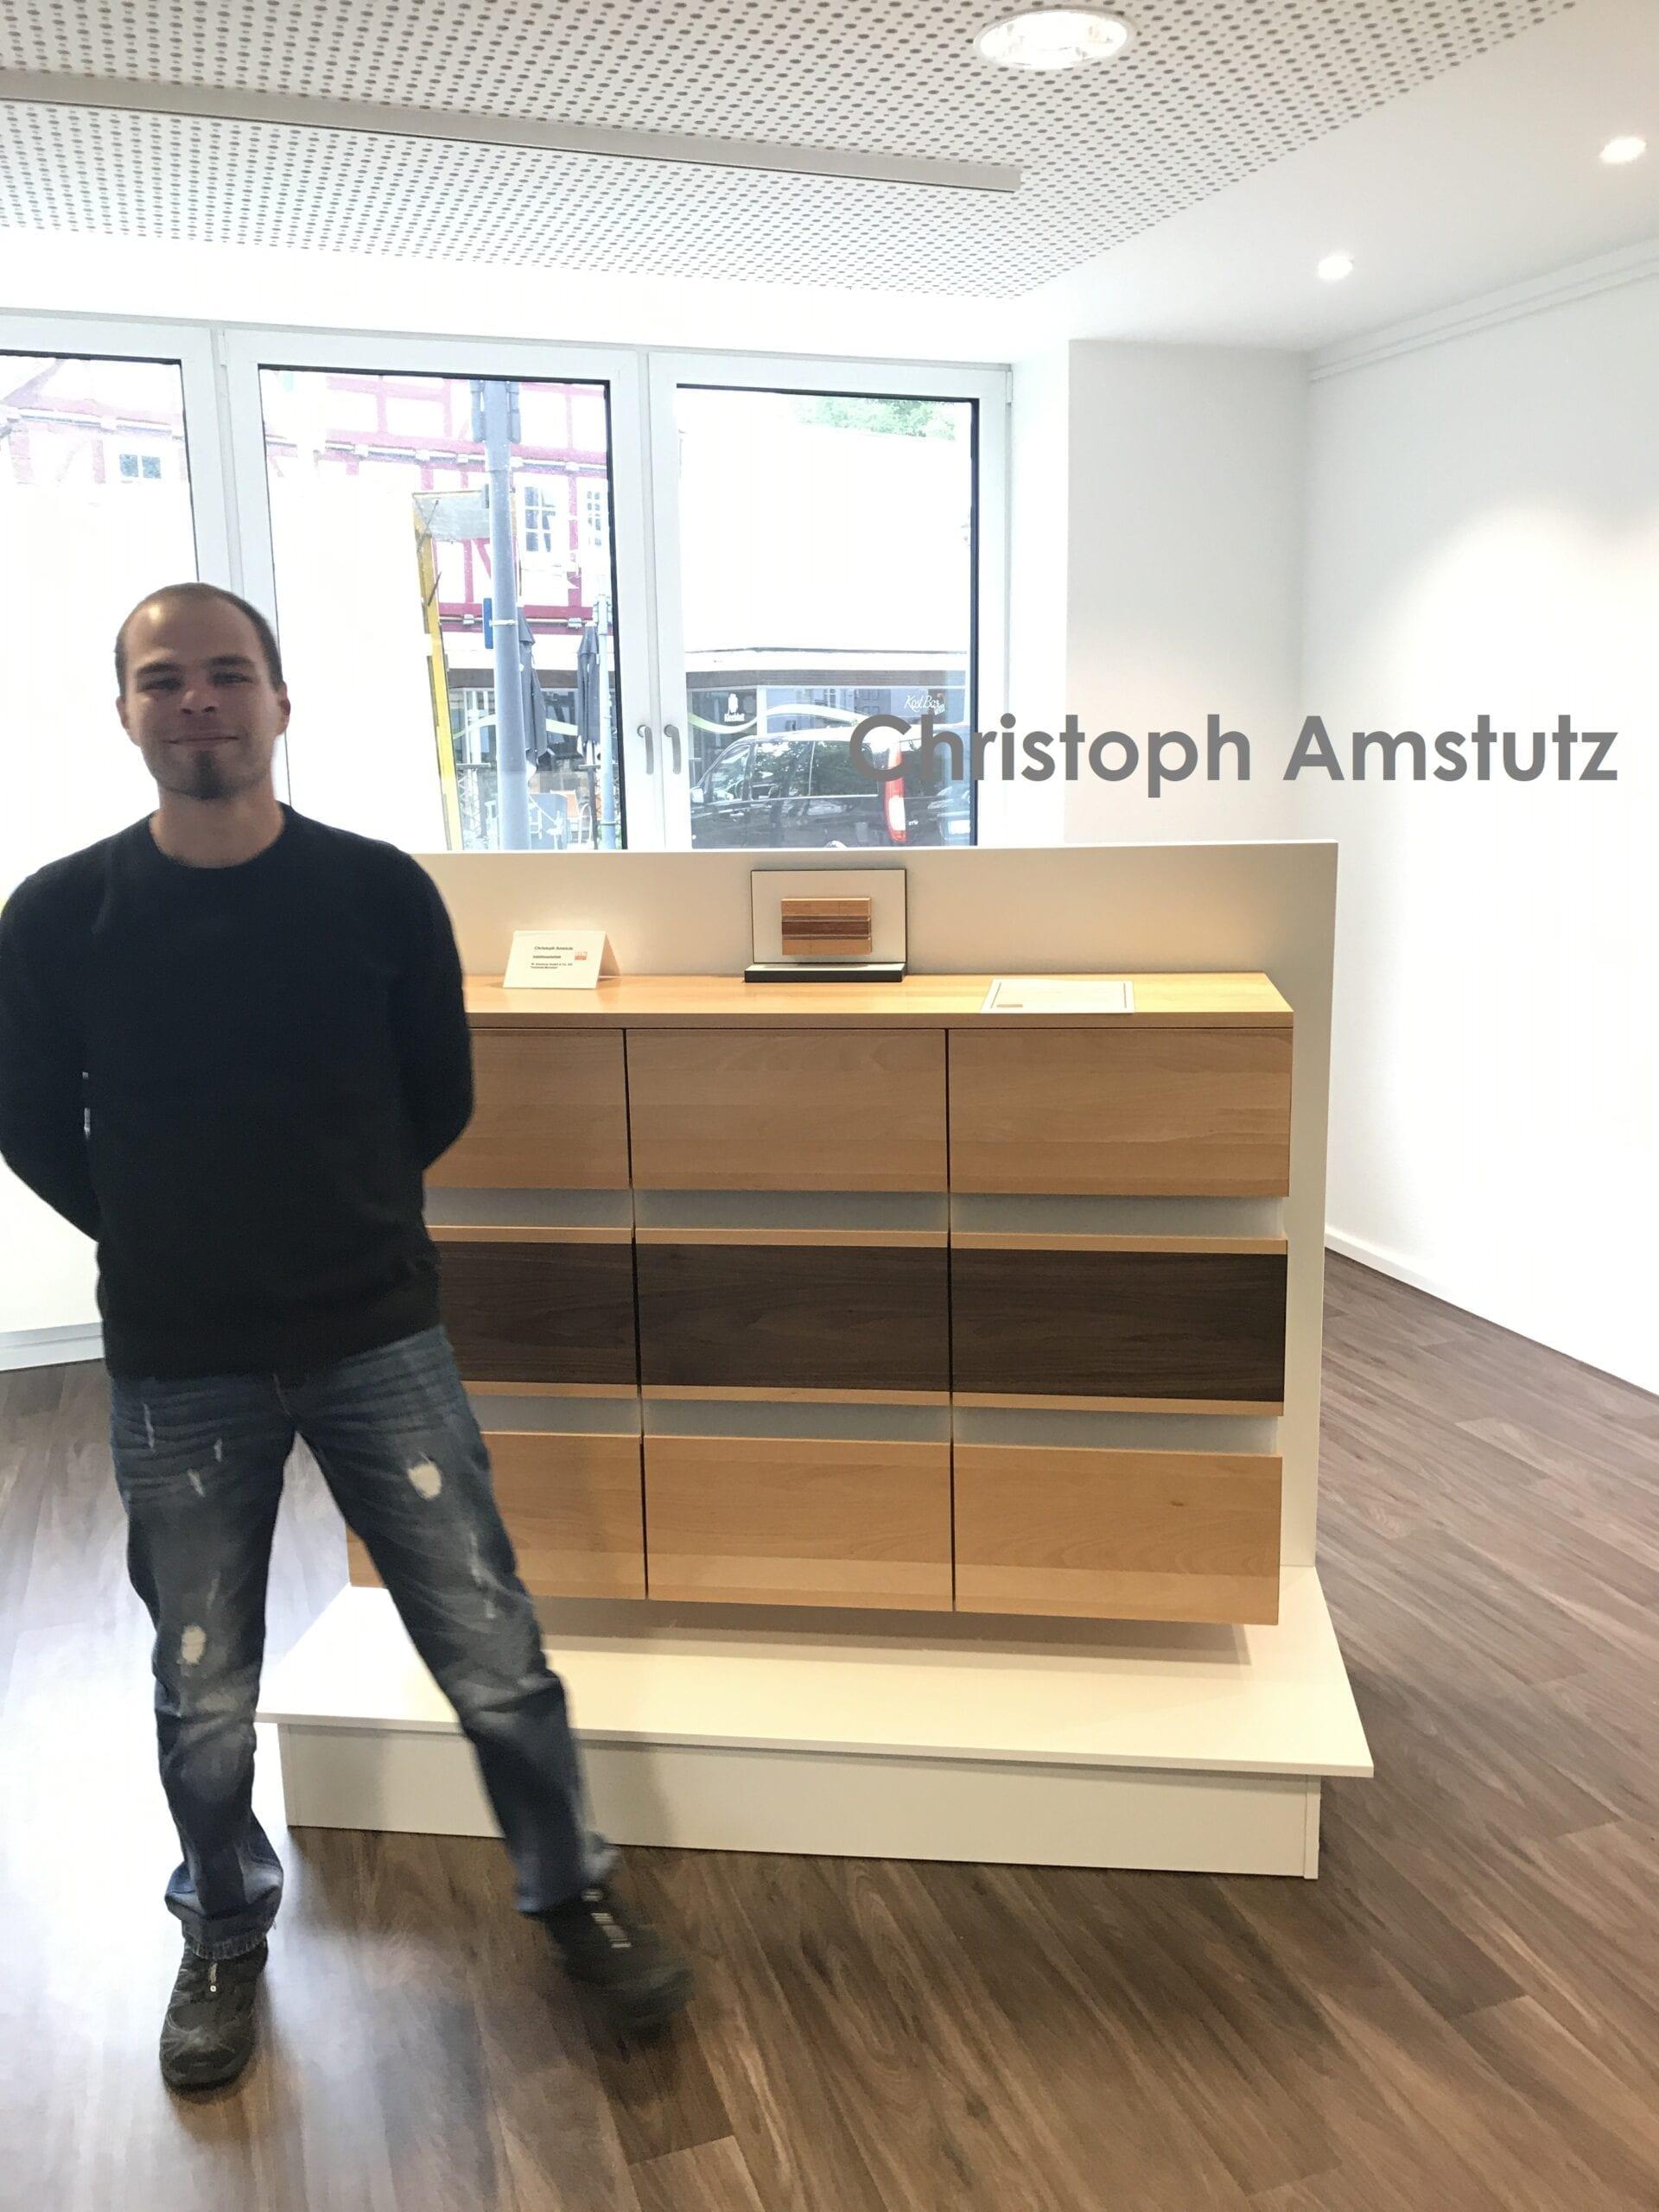 isenberg Christoph Amstutz